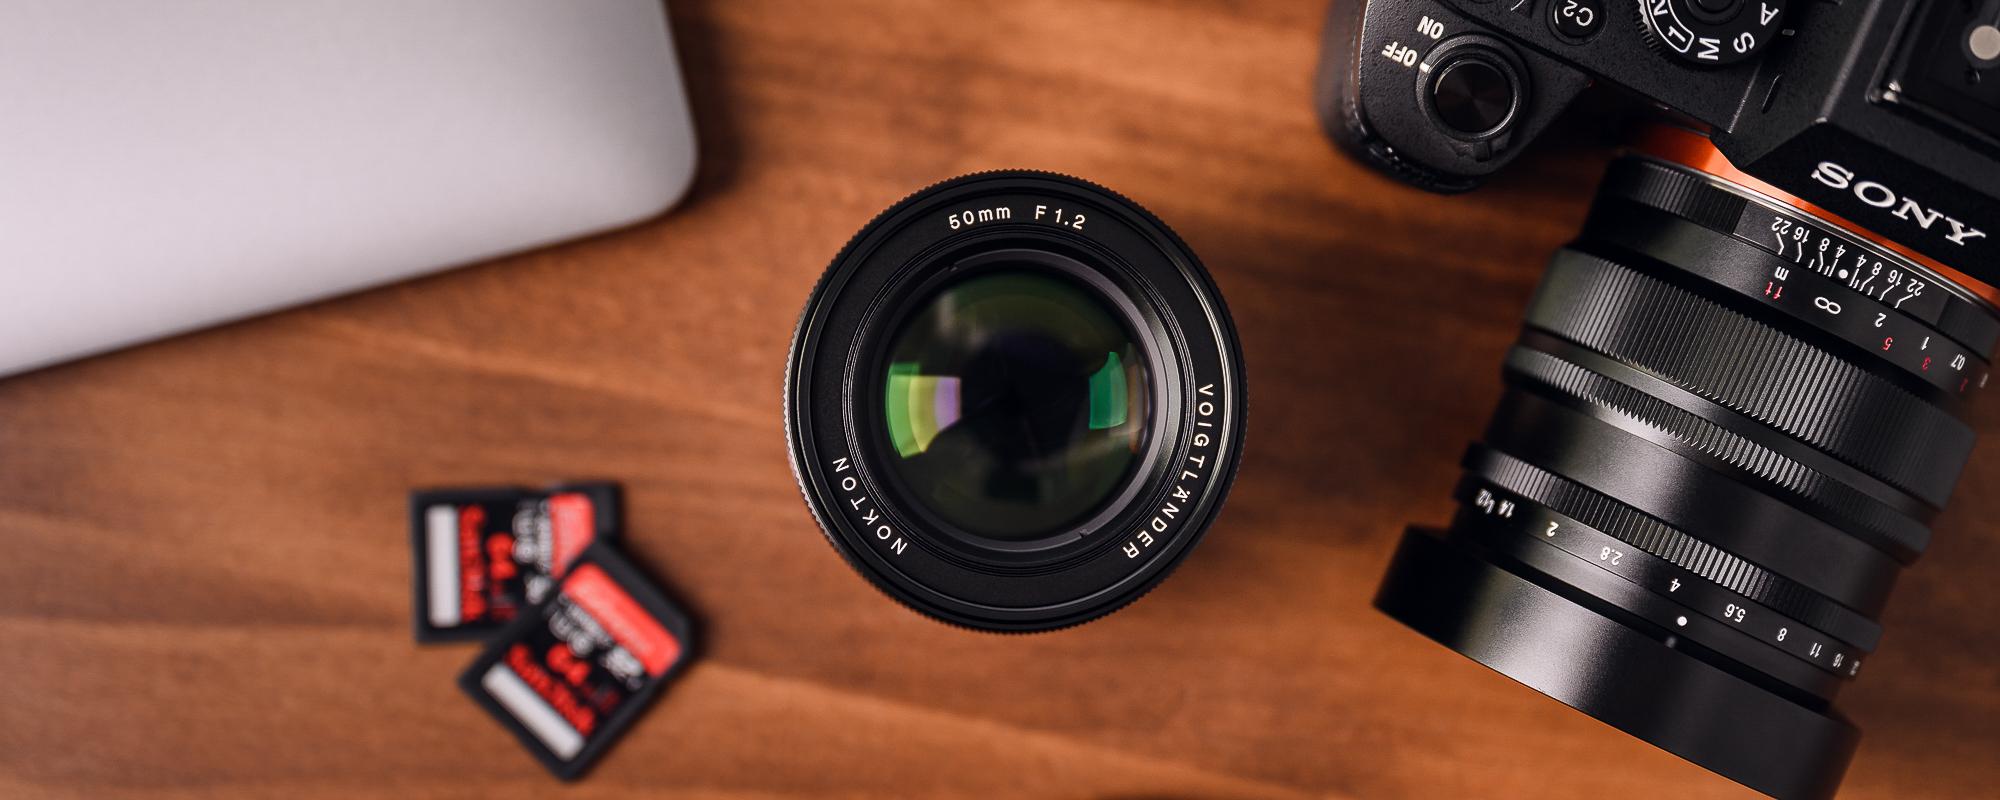 Obiektyw Voigtlander Nokton SE 50 mm f/1,2 do Sony E podczas pracy widok z góry